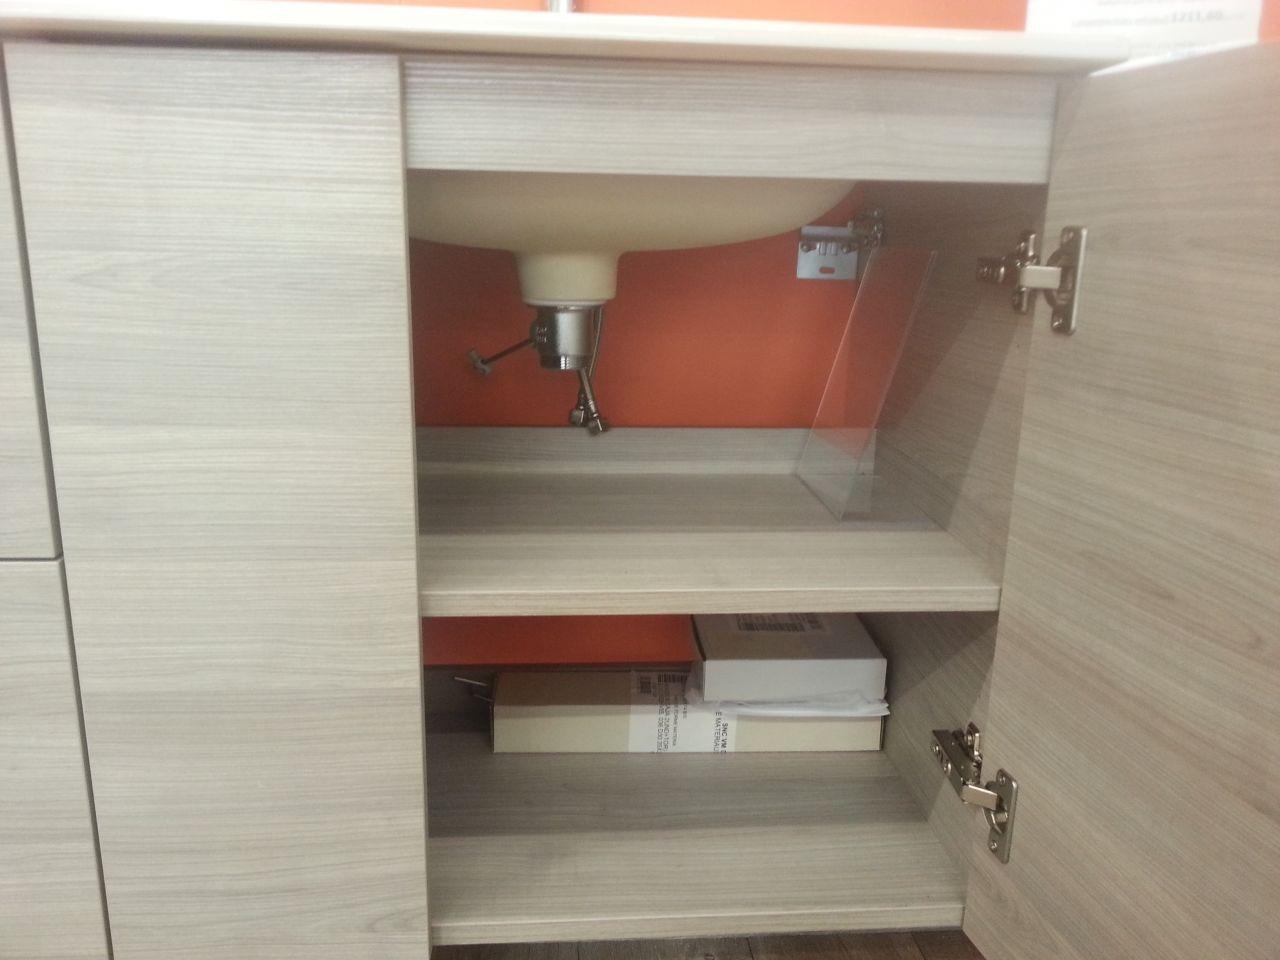 le meuble aura des portes comme ici et non des tiroirs